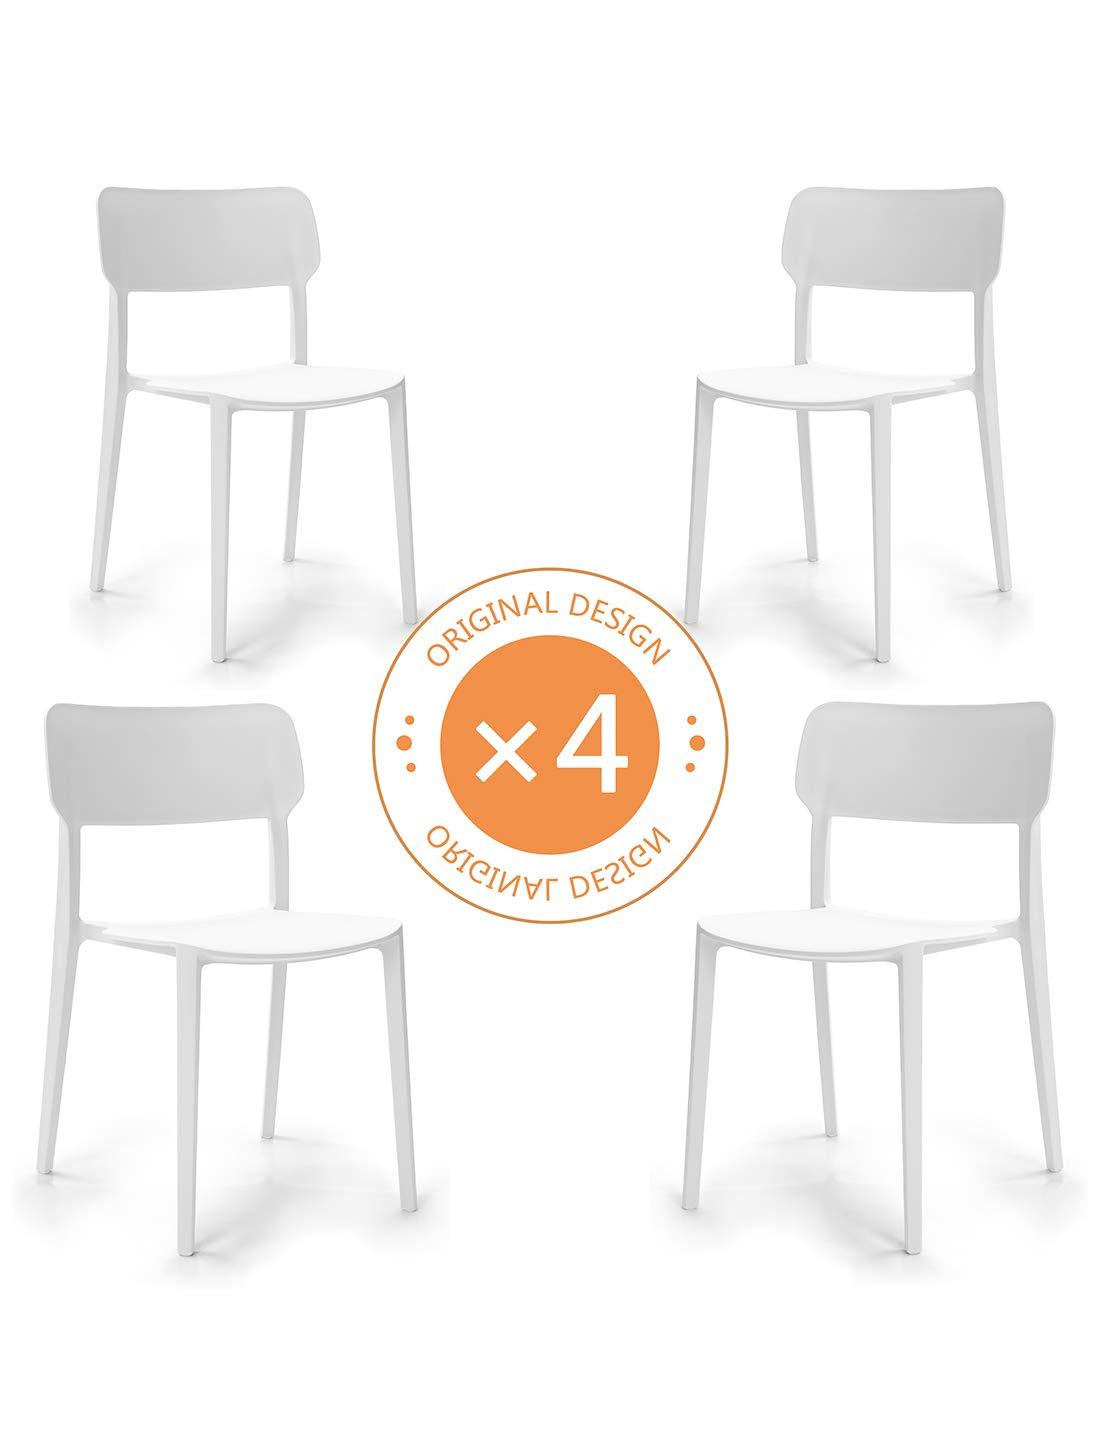 Suhu Stuhl Retro 4er Set Esszimmerstühle Esszimmer Designer Sessel Esstisch Stühle Modern Küchenstühle Stapelstuhl Gartenstuhl Loungesessel Esszimmerstuhl Vintage Schalenstuhl Essstühle Plastik Weiß